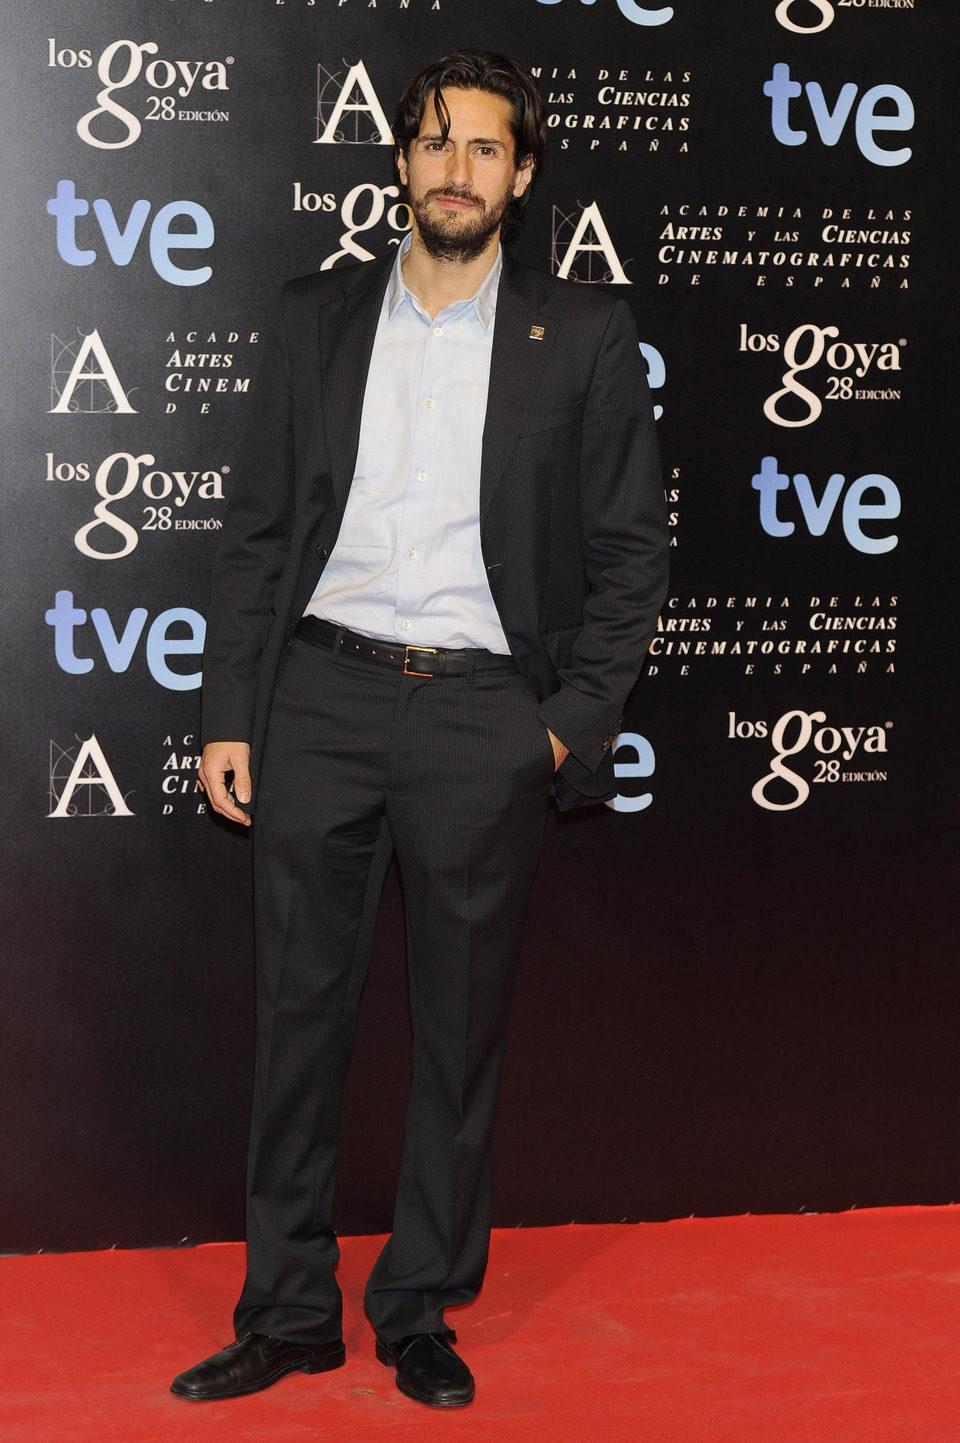 Juan Diego Botto en la alfombra roja de la fiesta de los nominados a los premios Goya 2014